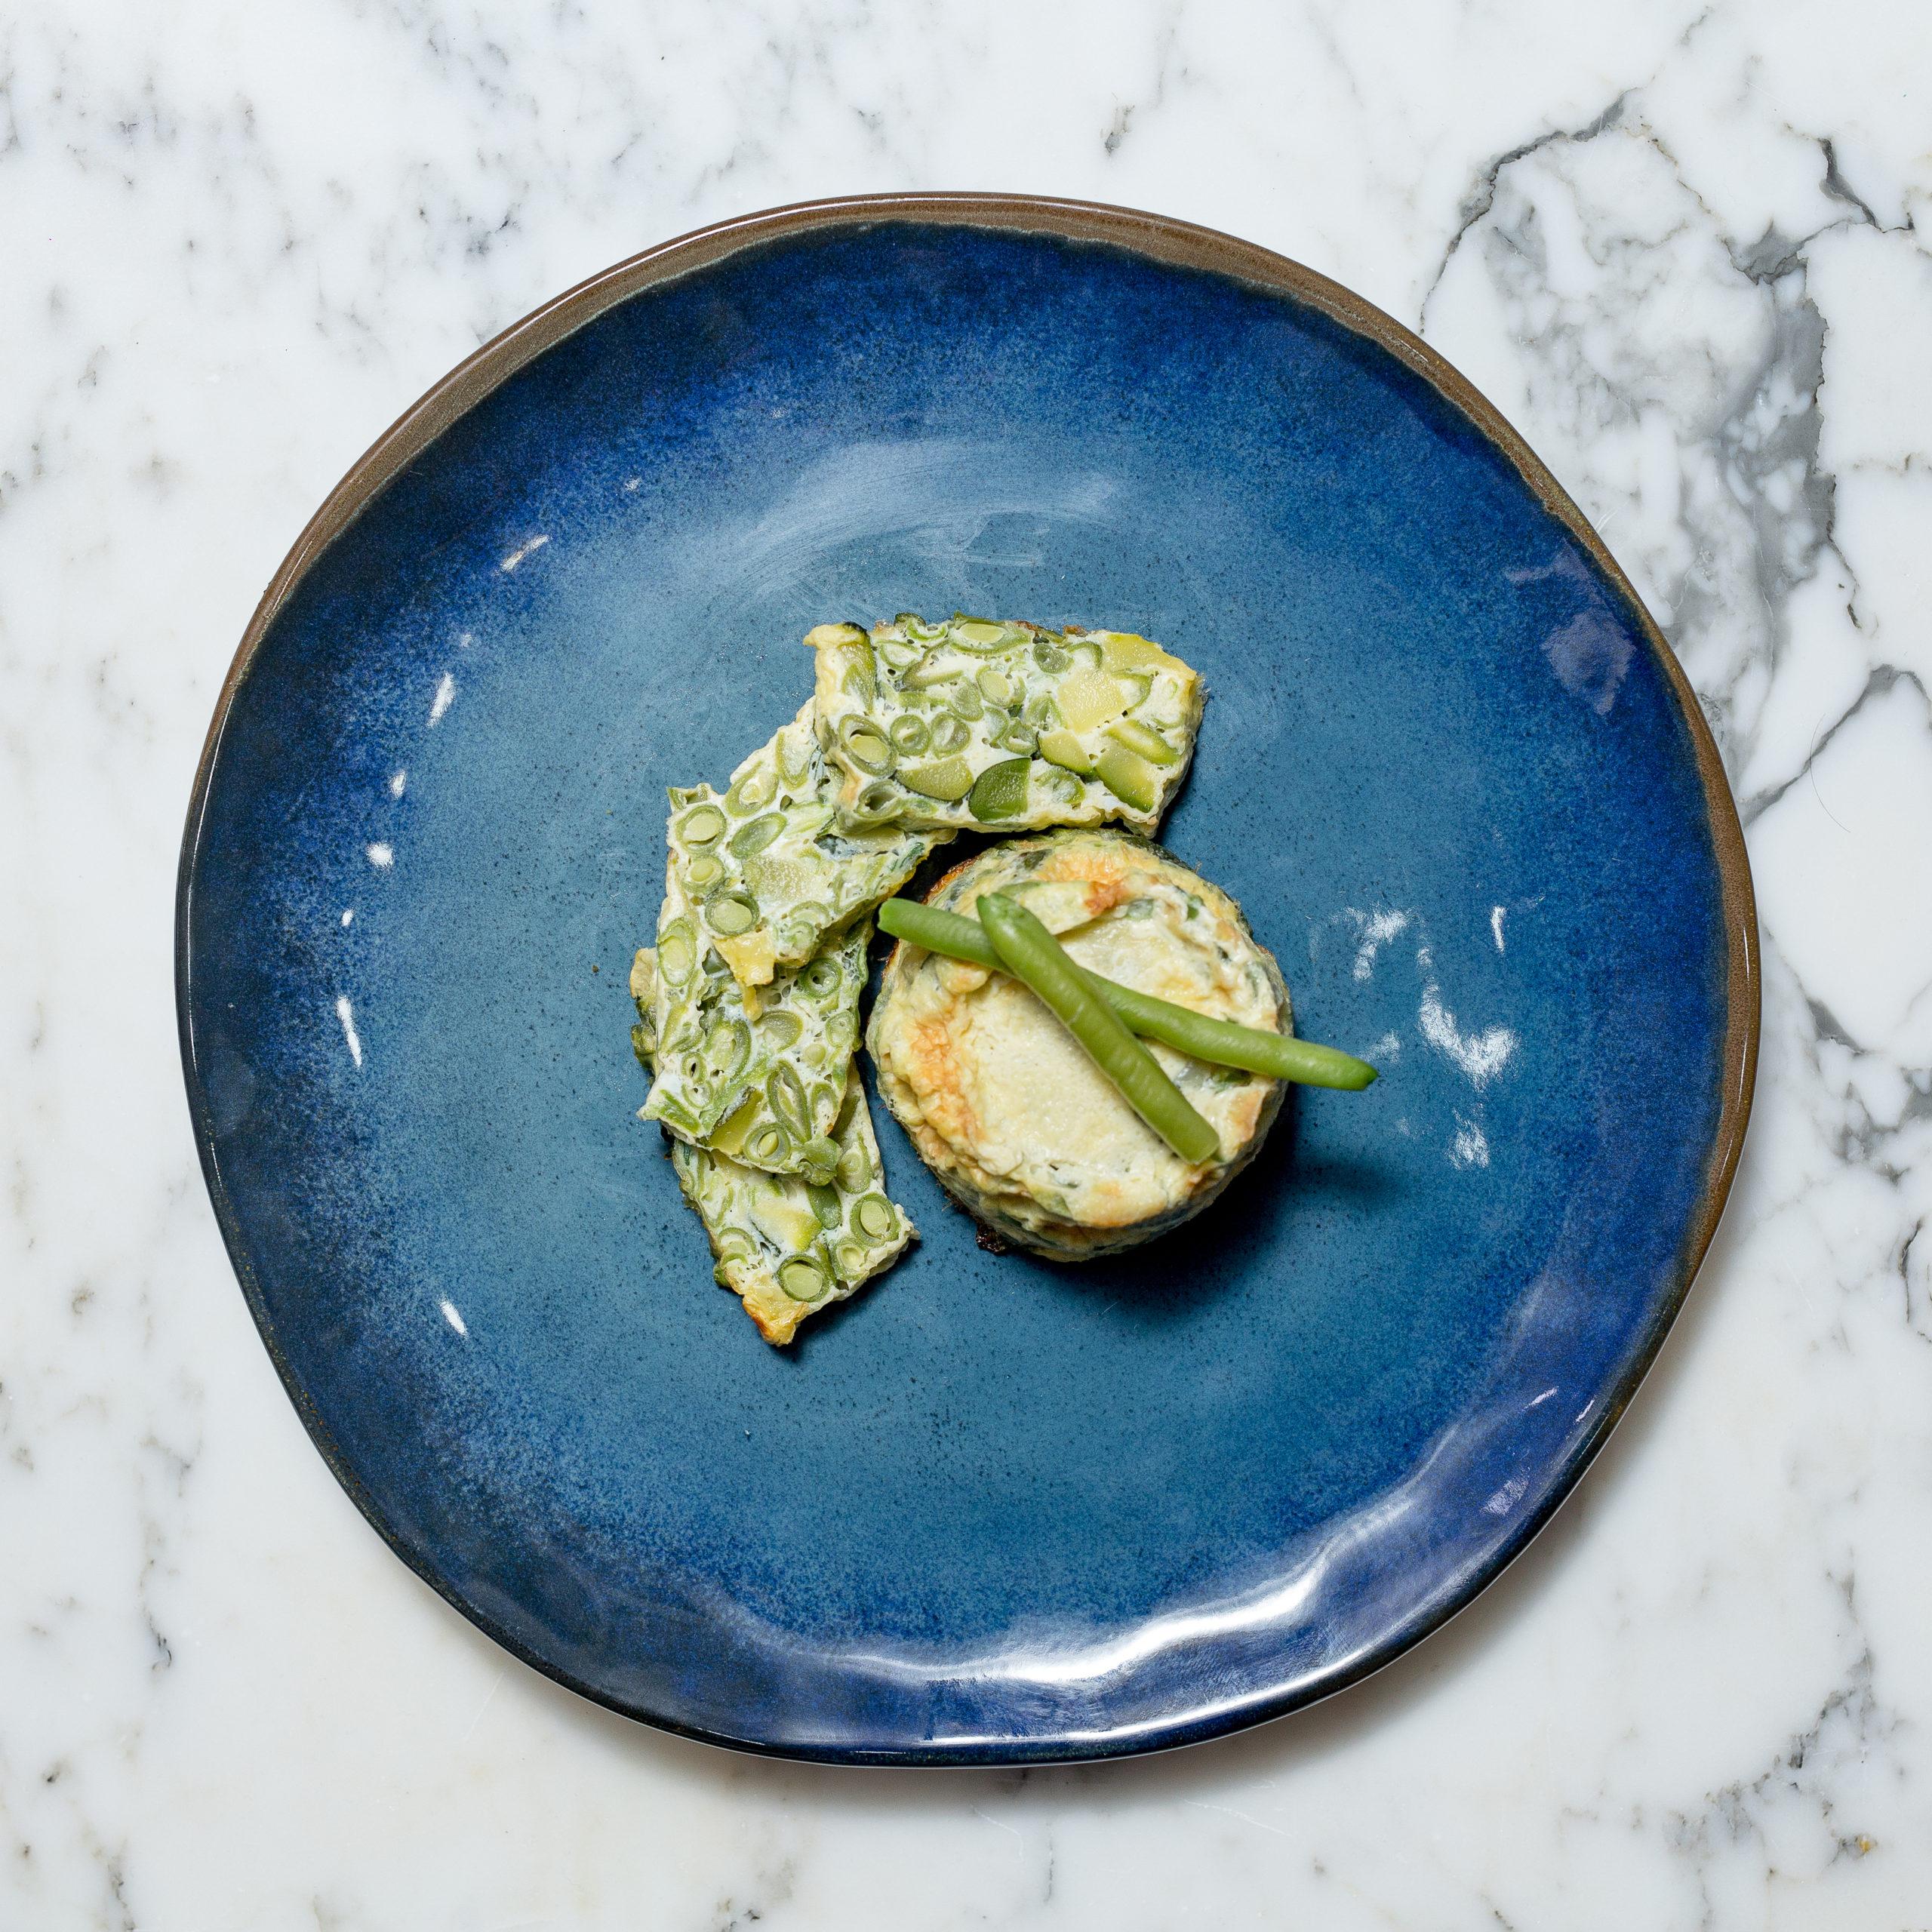 • Uova • Pangrattato • Parmigiano • Prezzemolo • Zucchine • Fagiolini